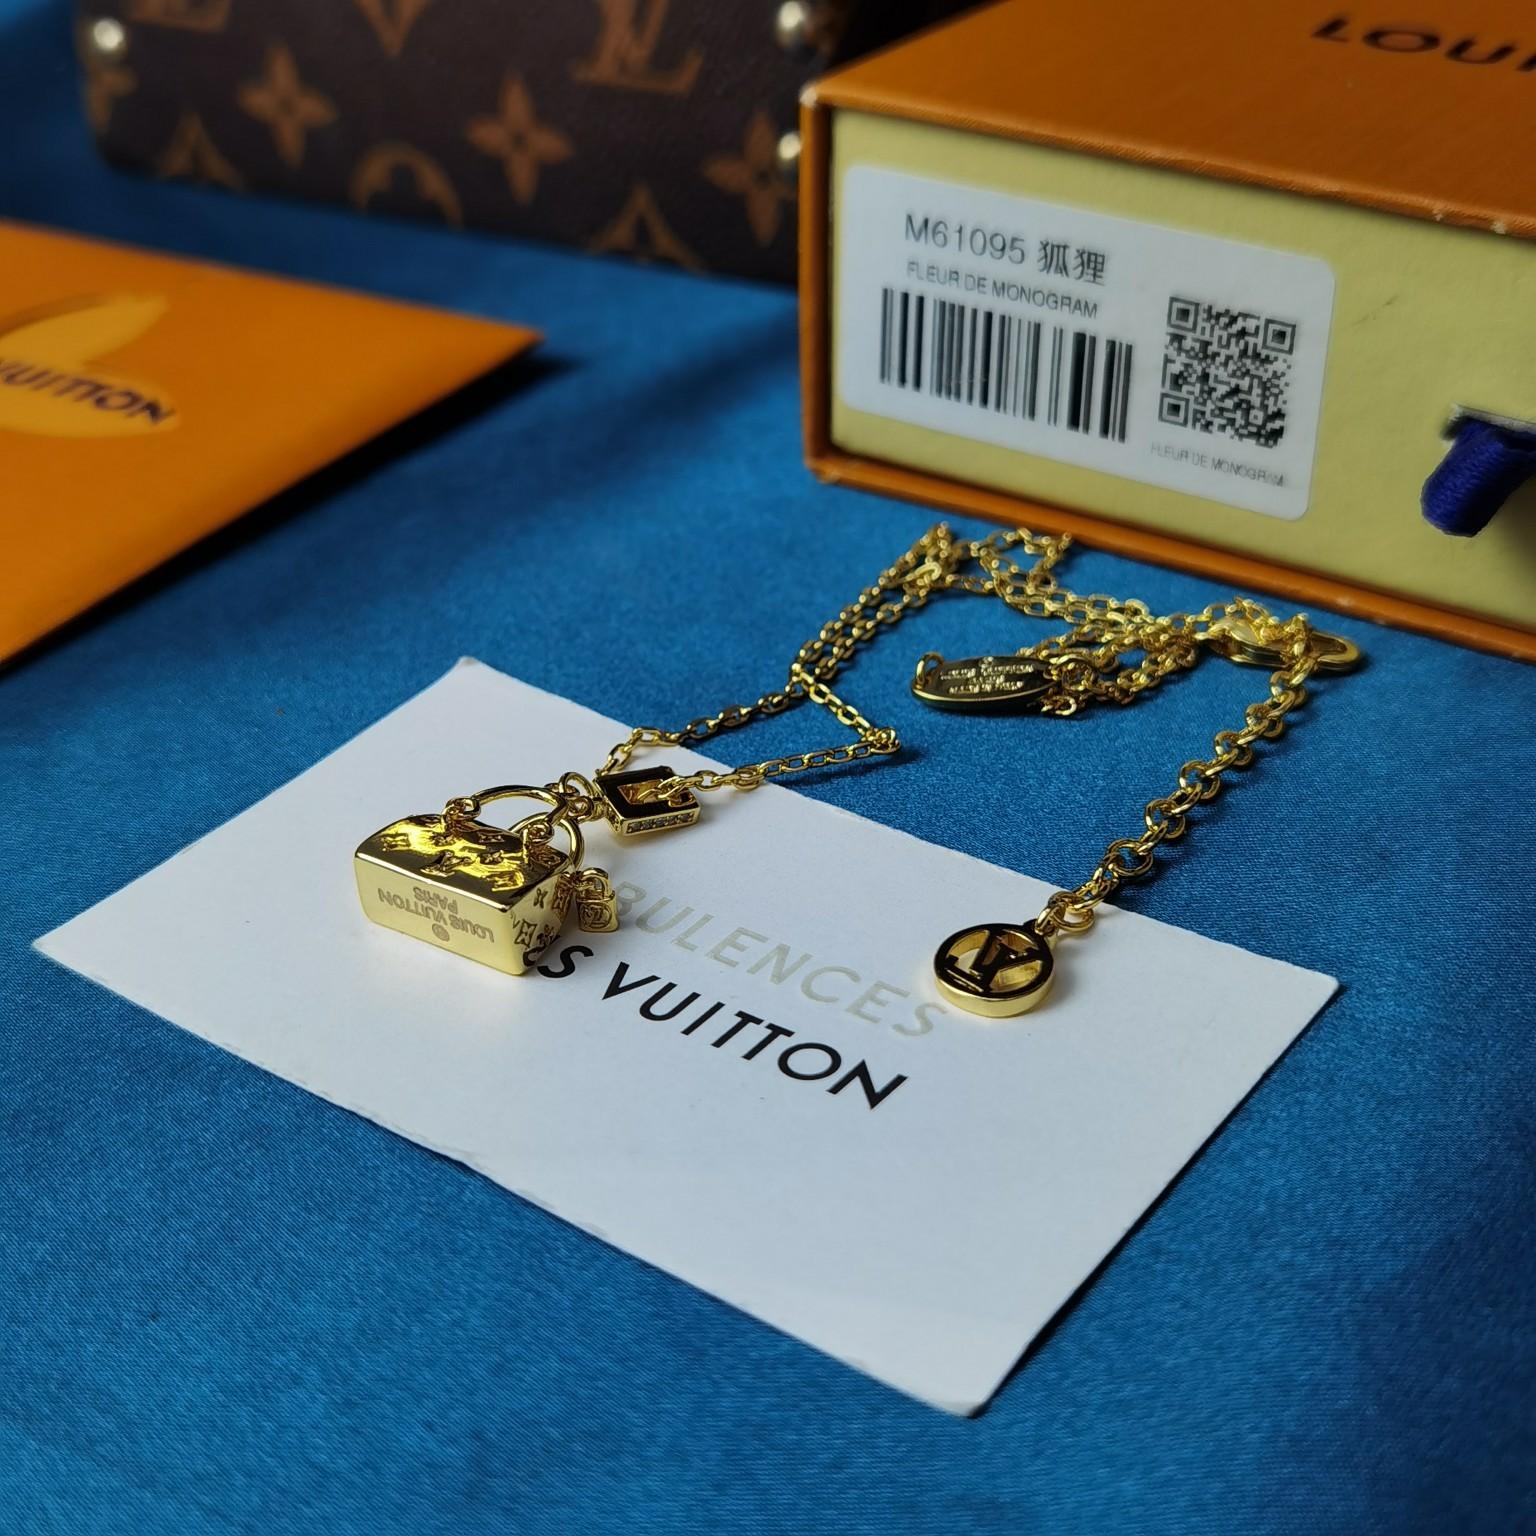 新品时尚项链新款路易威登包包项链艺术